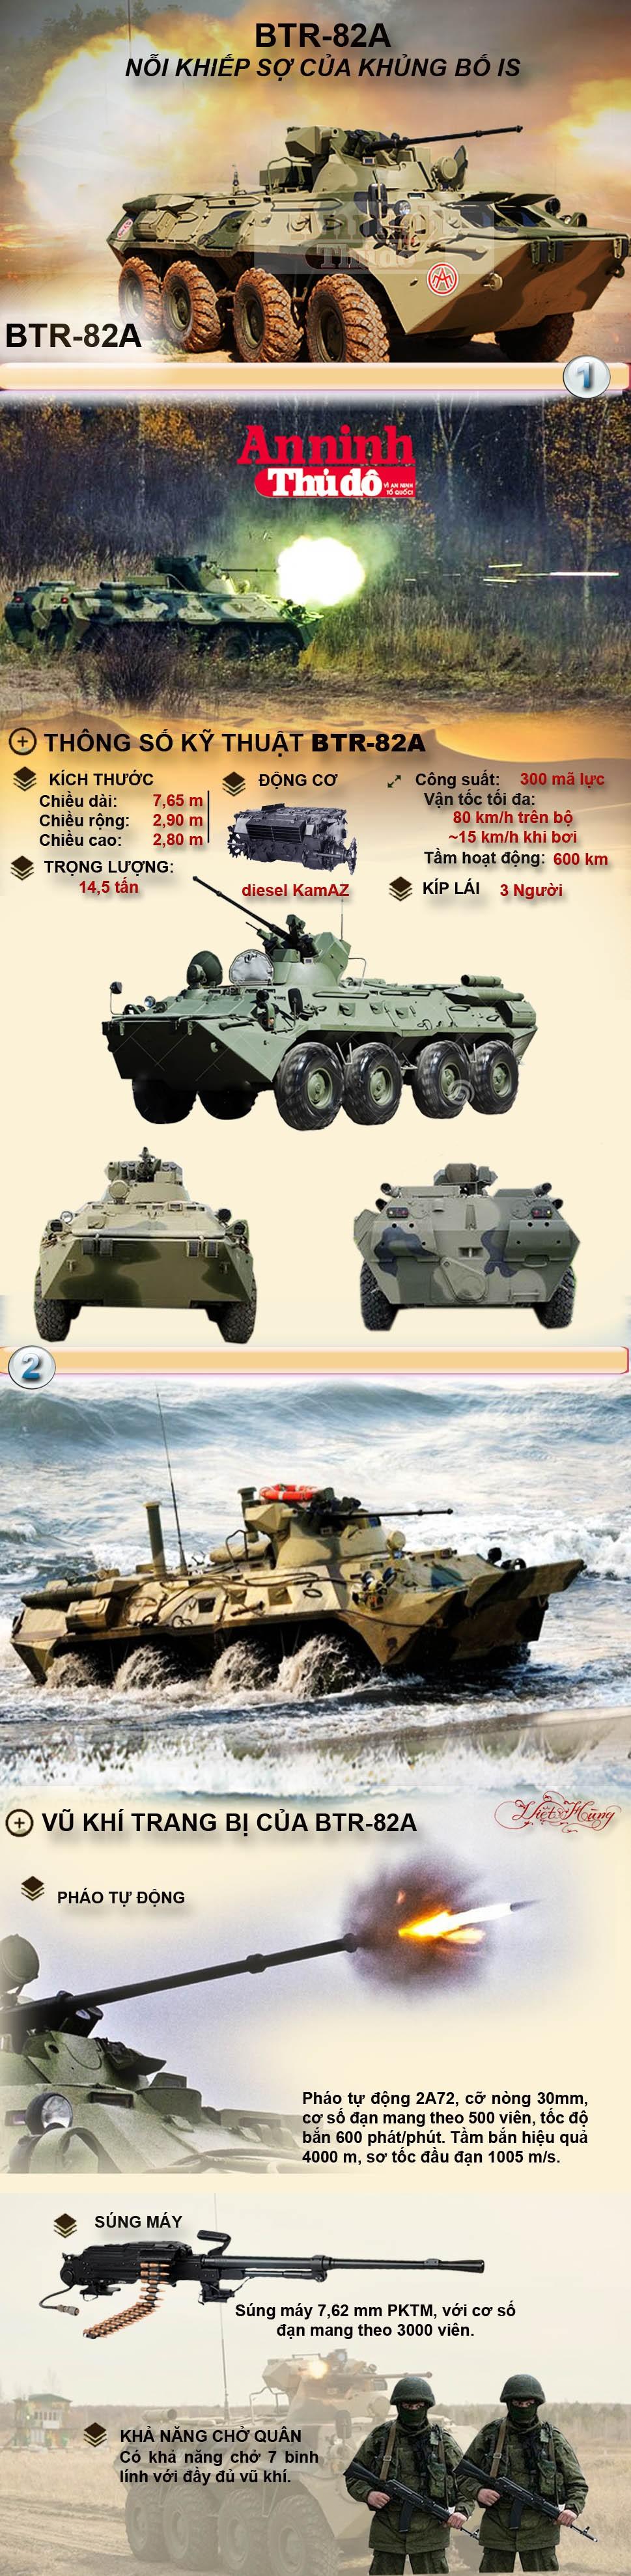 Infographic: BTR-82A - Nỗi khiếp sợ của tổ chức khủng bố IS ảnh 1